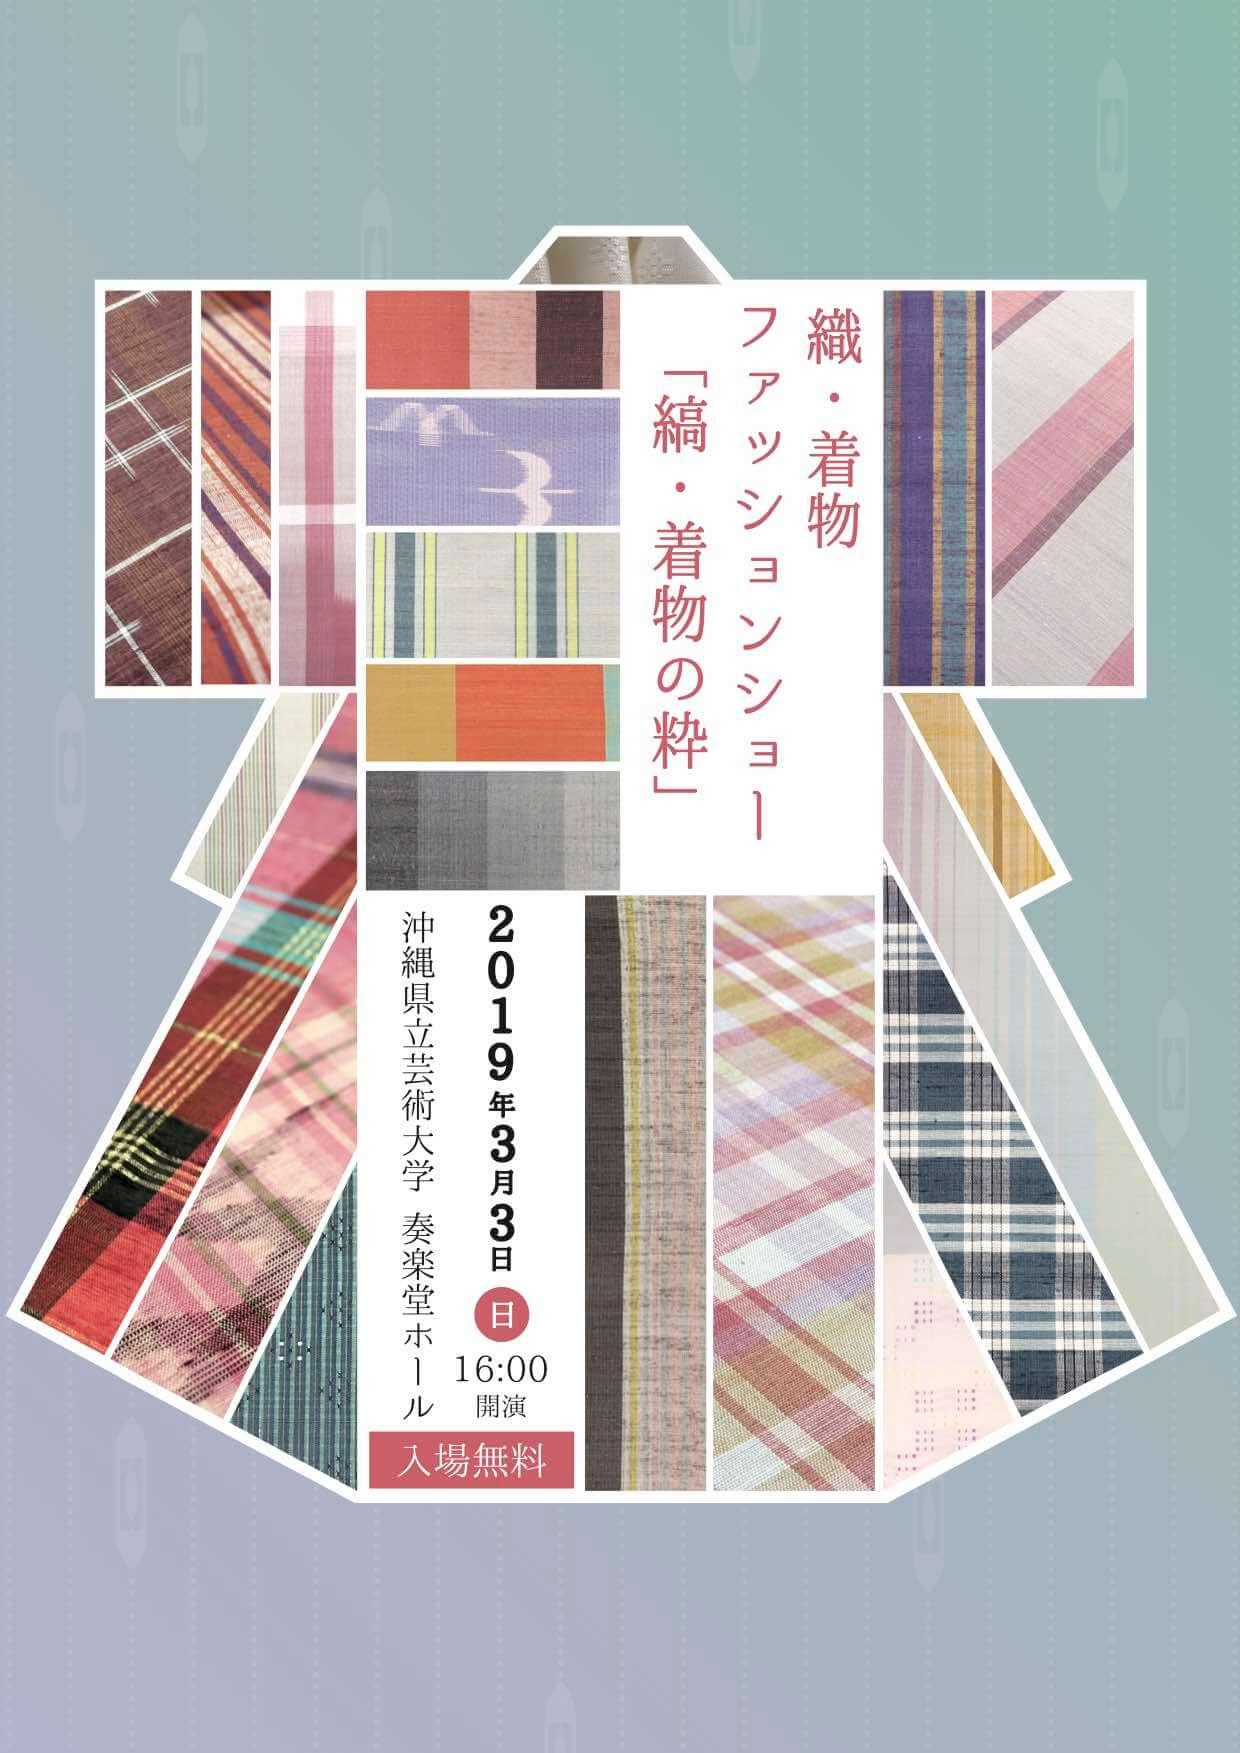 [フライヤー]織・着物 ファッションショー 「縞・着物の粋」(表)